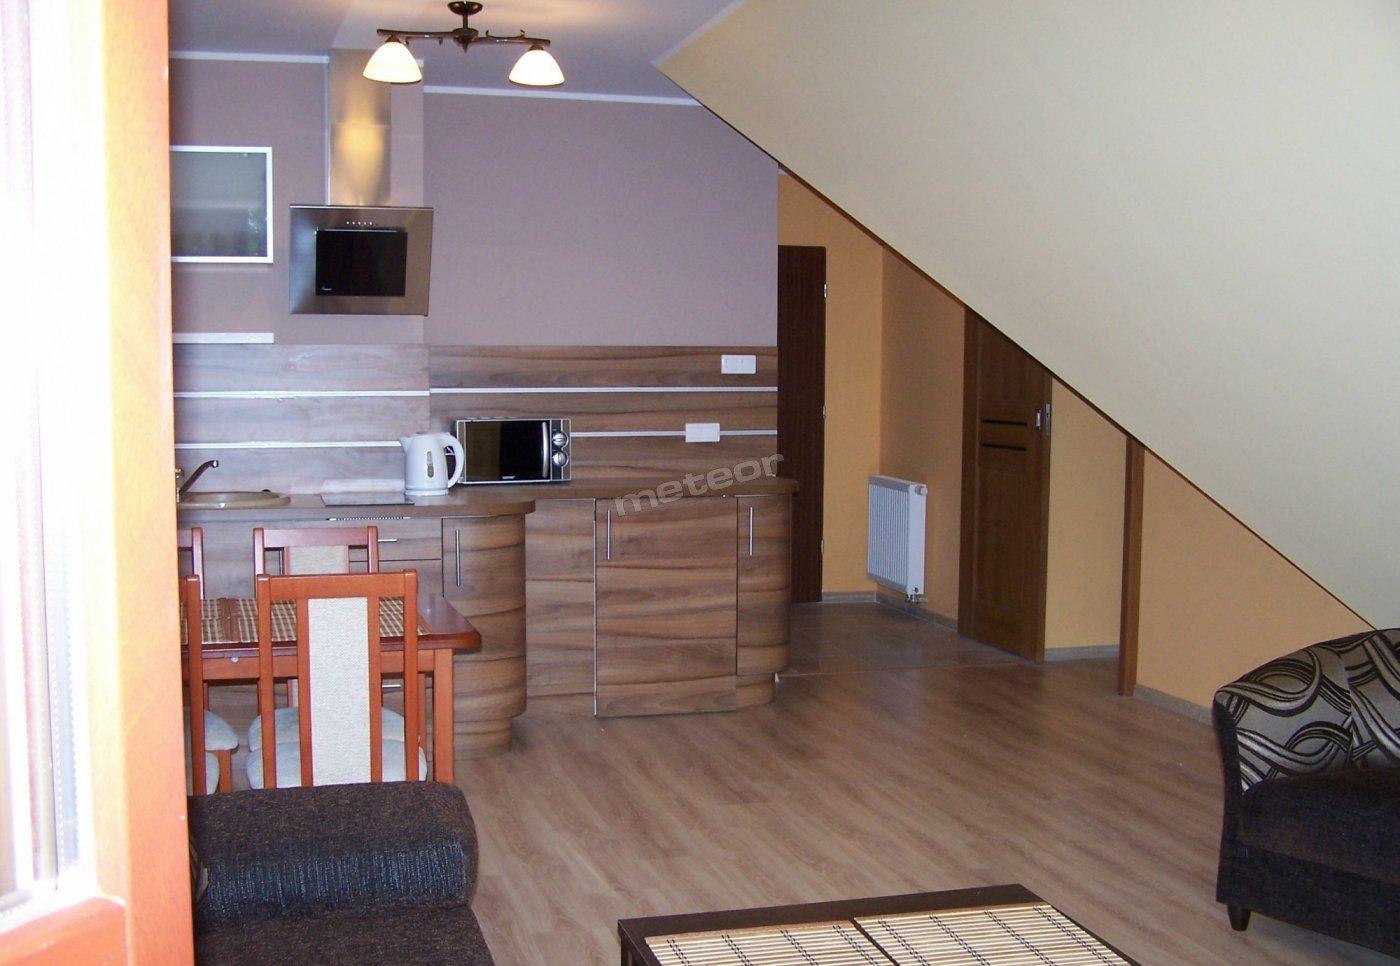 Apartament Na Teleexpressu